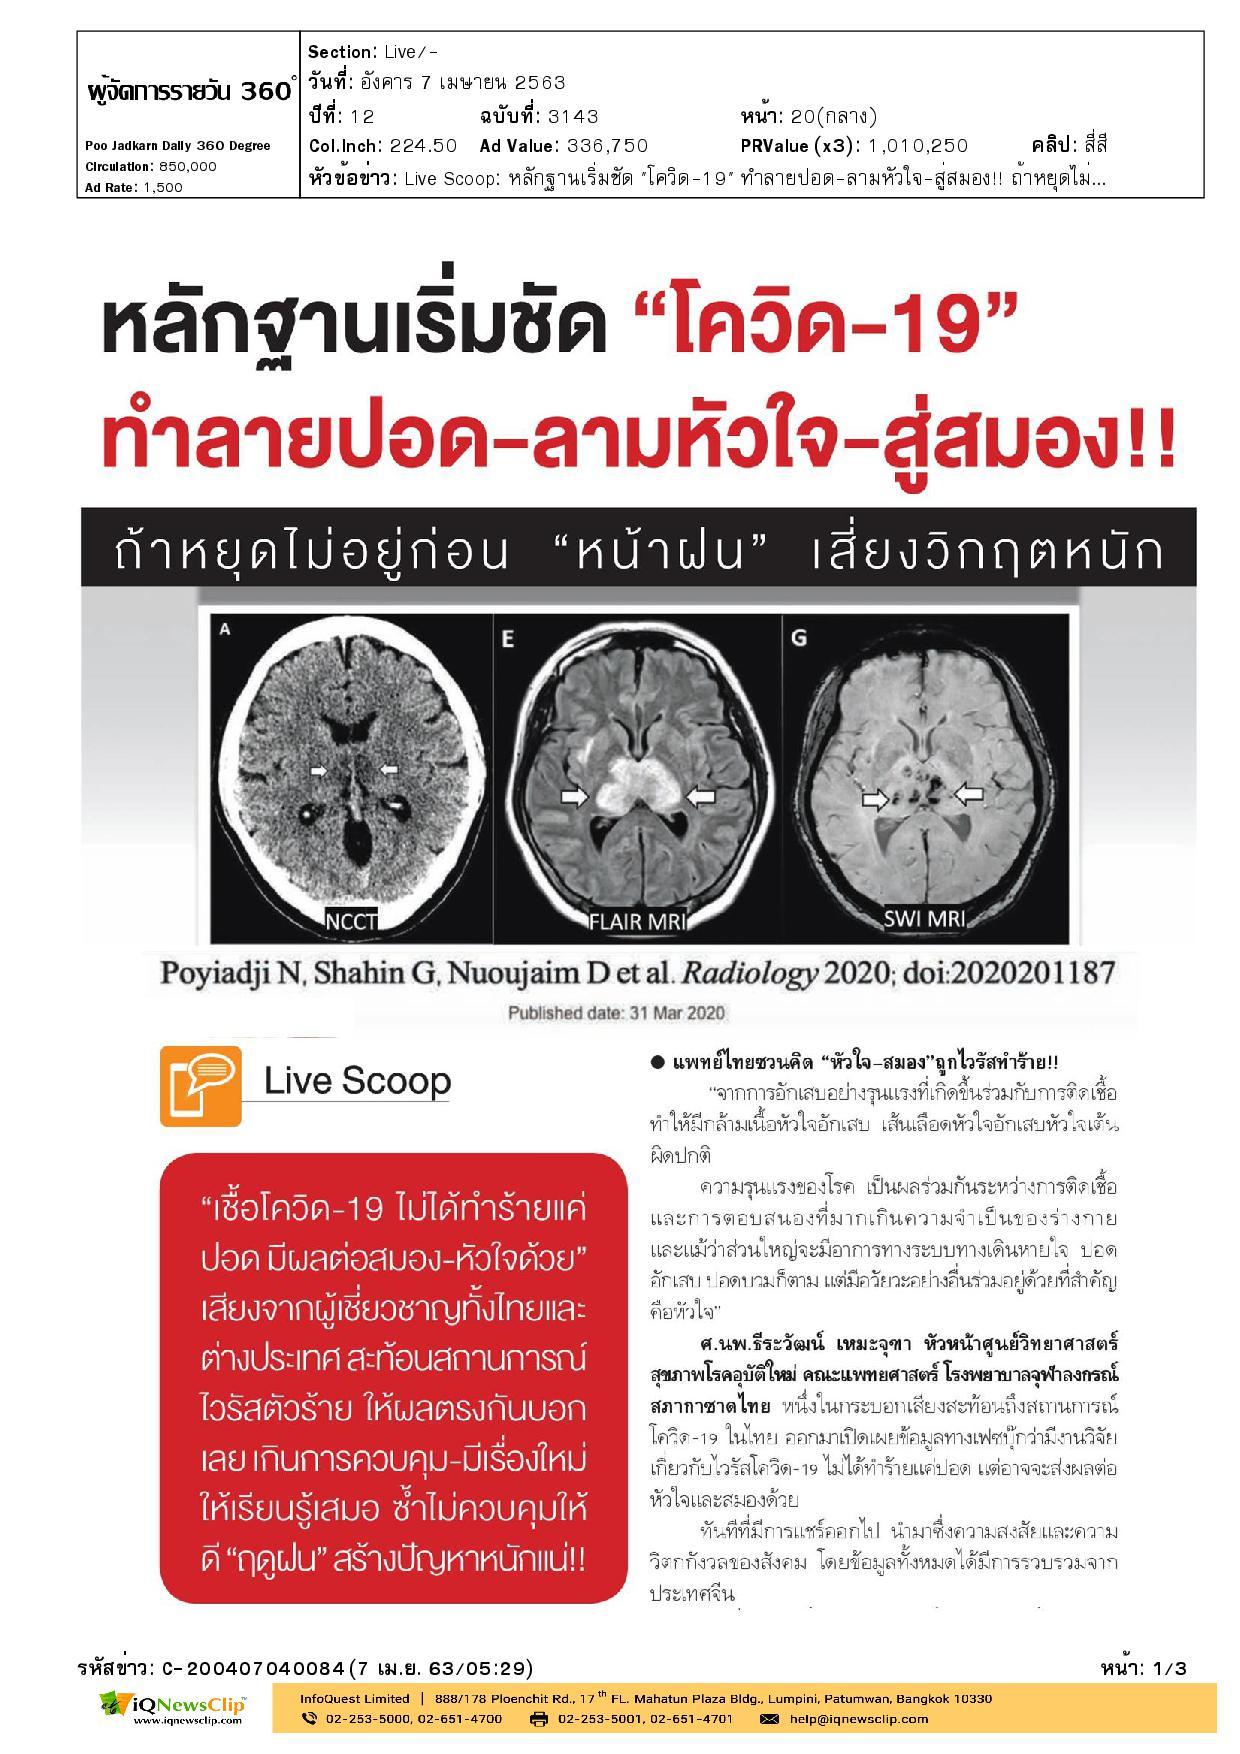 ข้อมูลงานวิจัยโควิด-19 ในไทย